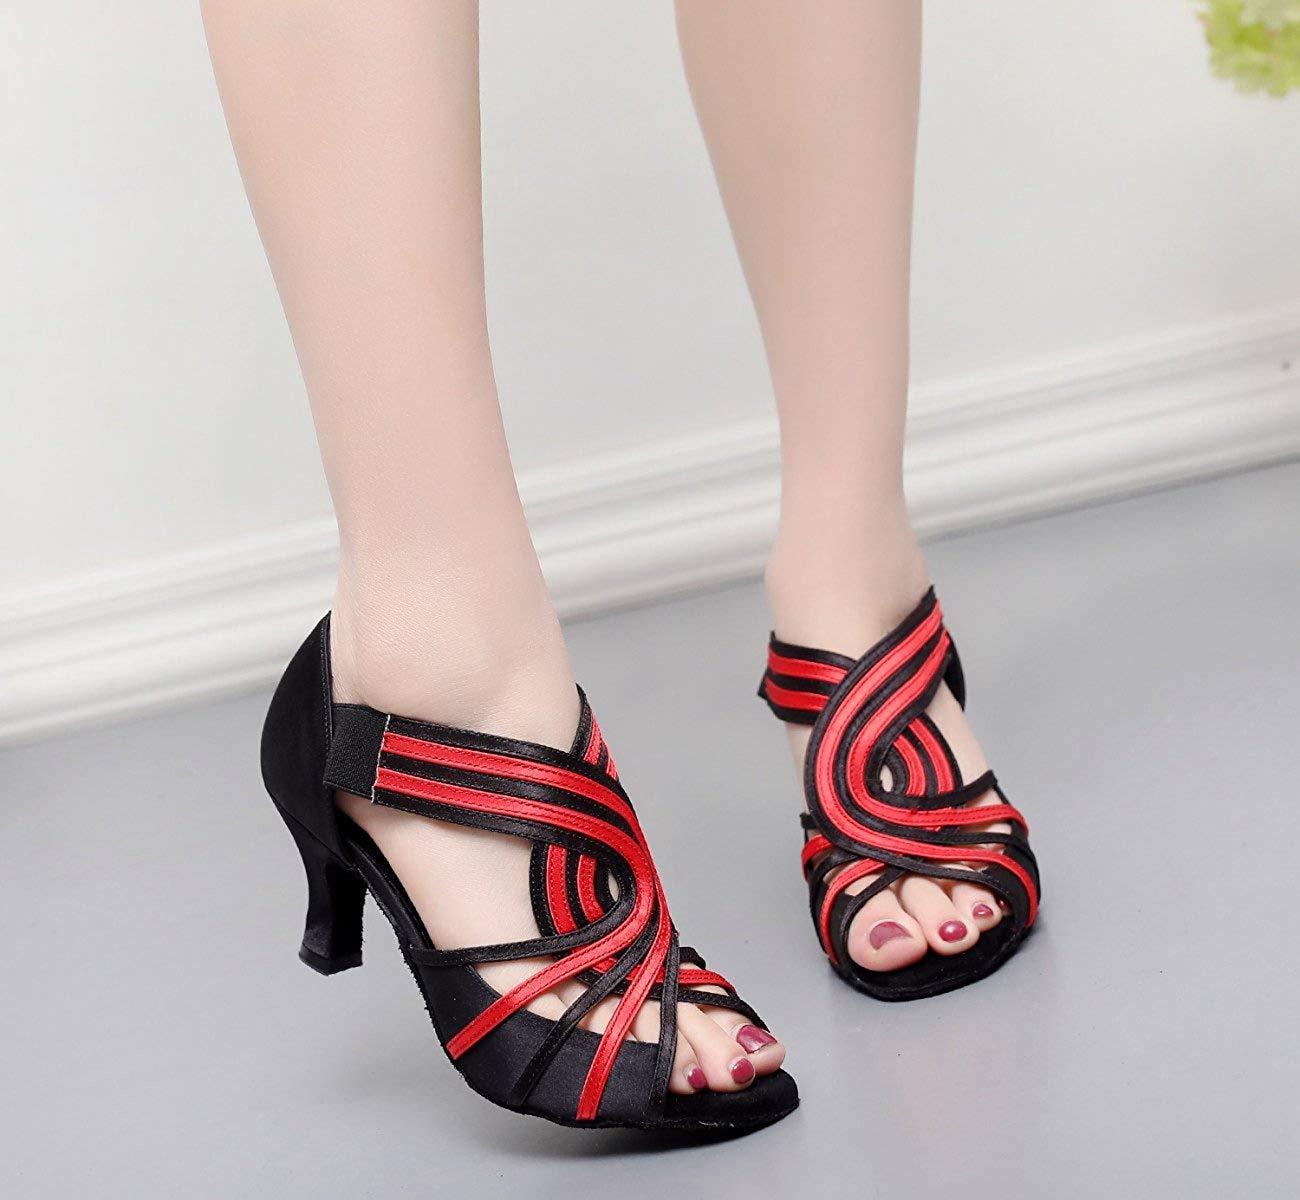 Yingsssq Damen Kristalle Latin Sparking Satin Latin Kristalle Salsa Tanzschuhe Tango Chacha Samba Modern Jazz Schuhe Sandalen High Heels Rot-Absatz 6cm-DE3.5   EU34   Our35 f36f31